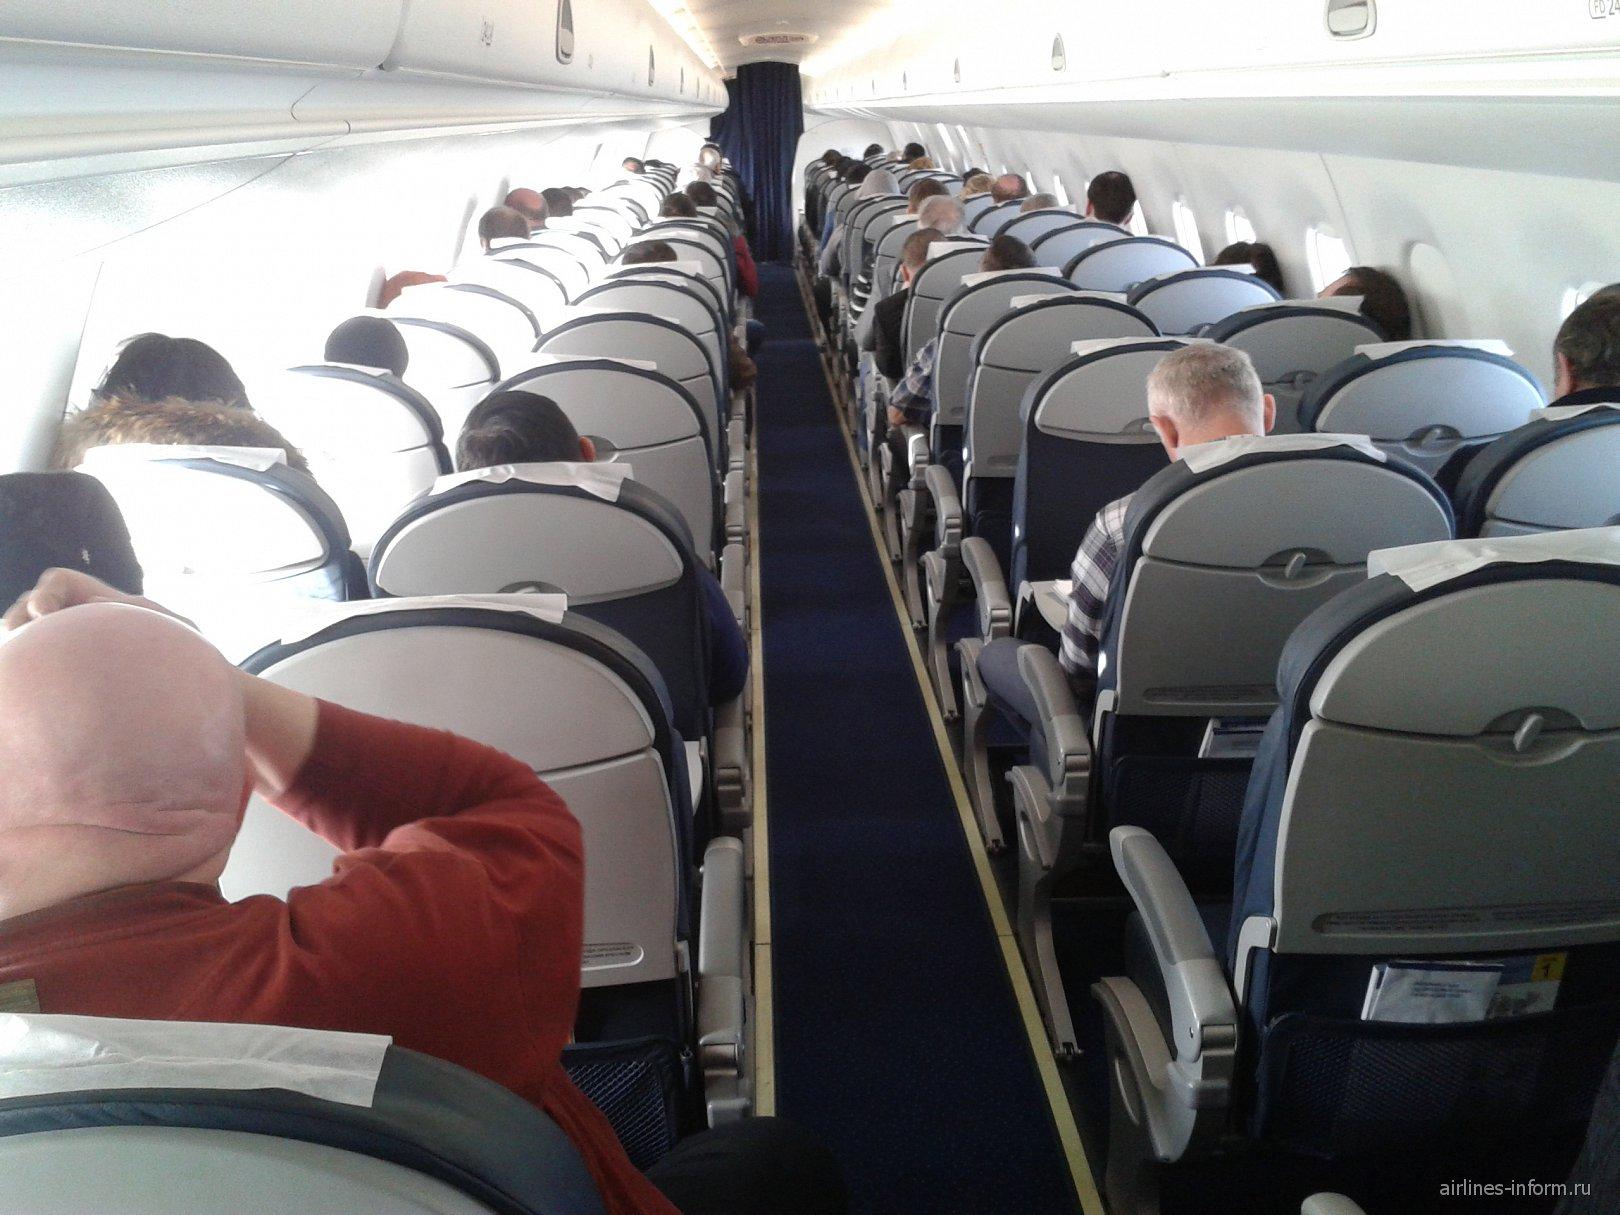 Салон самолета Embraer 190 авиакомпании Air Astana